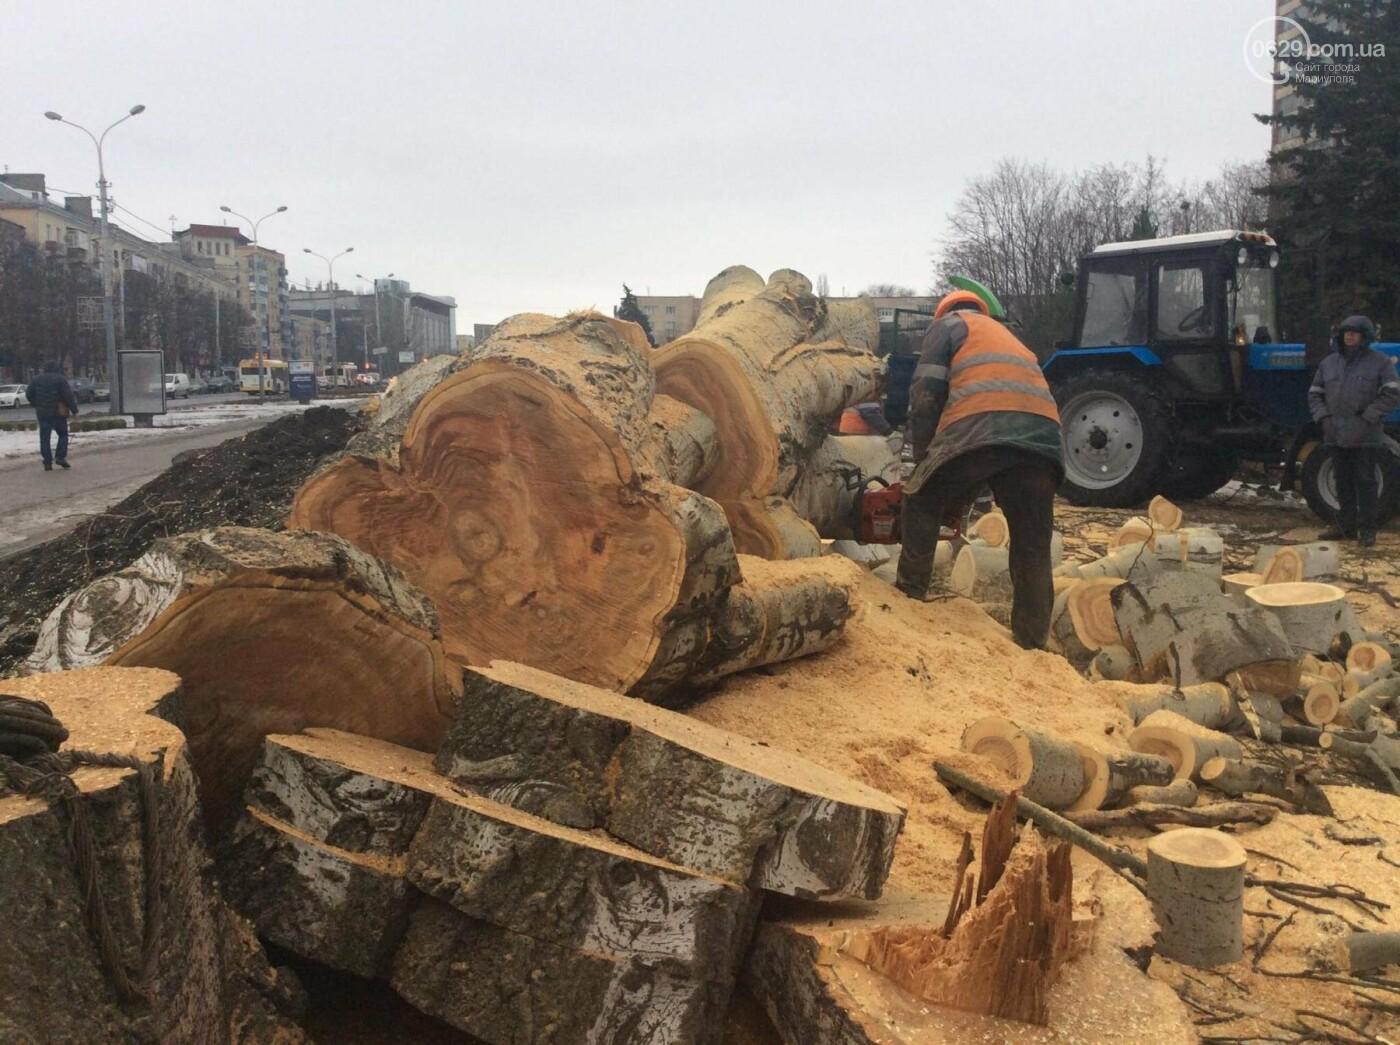 На Греческой площади Мариуполя срубили несколько многолетних тополей (ФОТО, ВИДЕО), фото-5